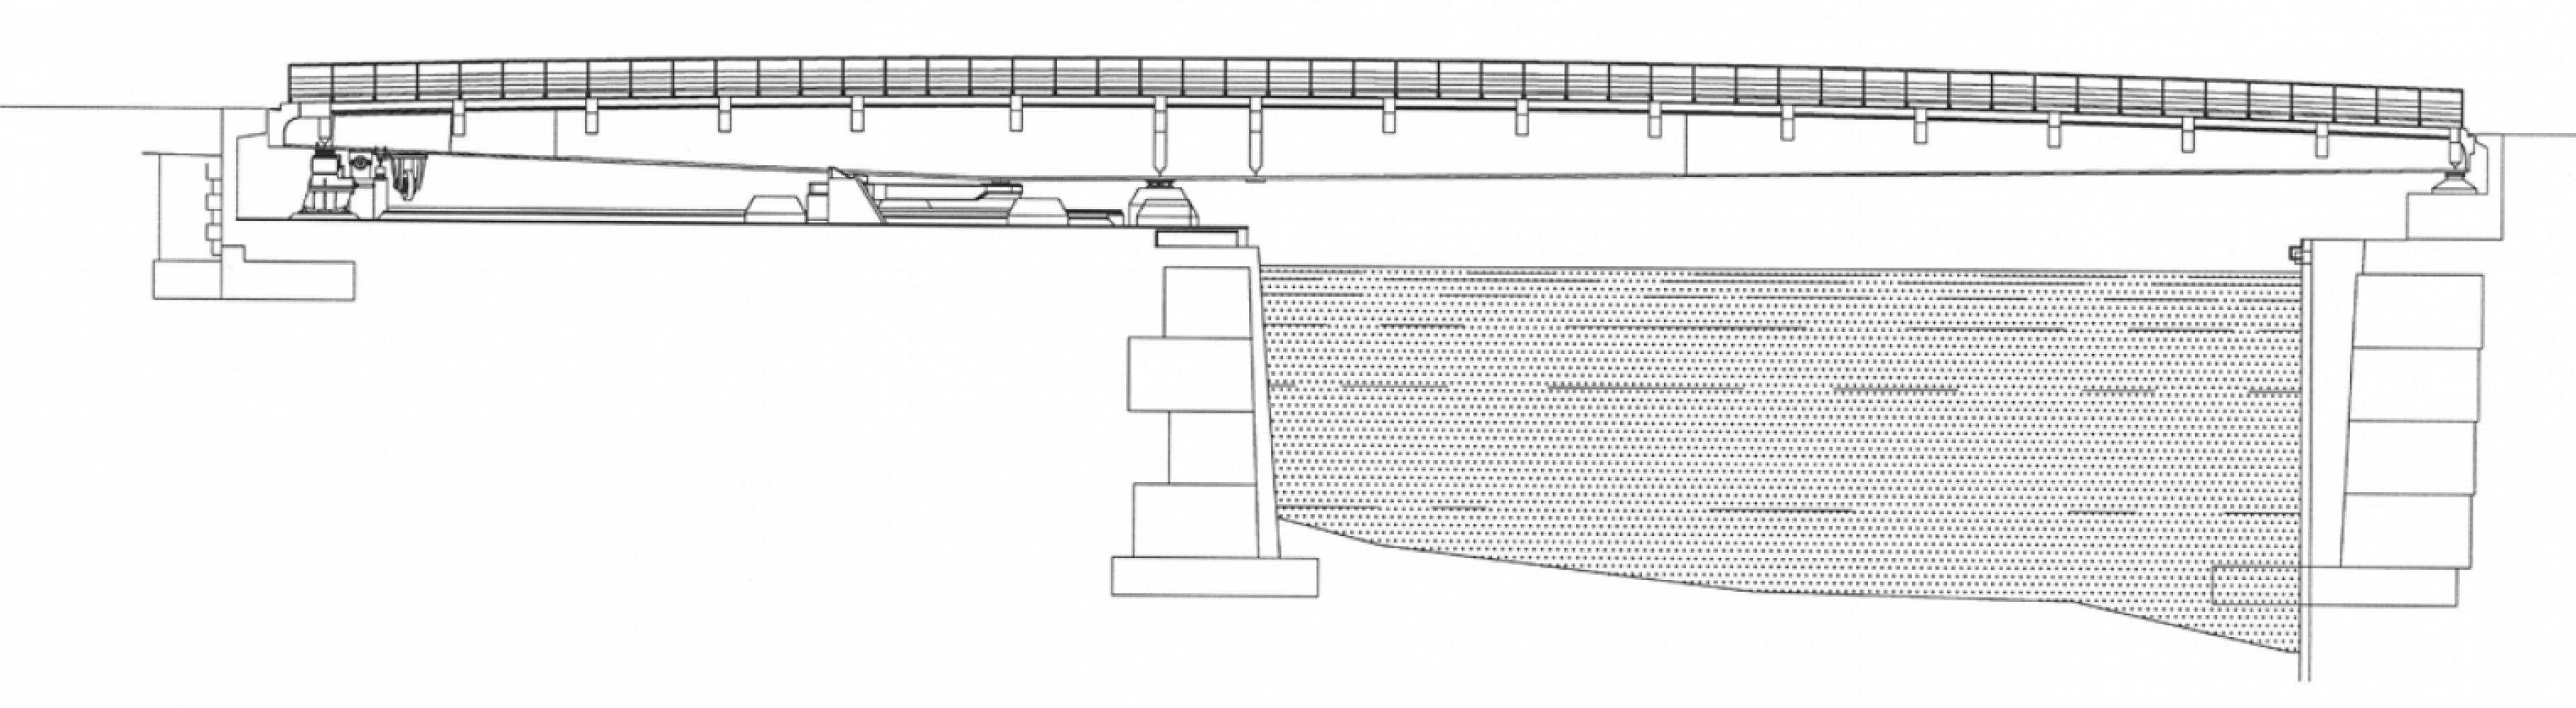 sete02 Pascale SEURIN Architecte - Divers